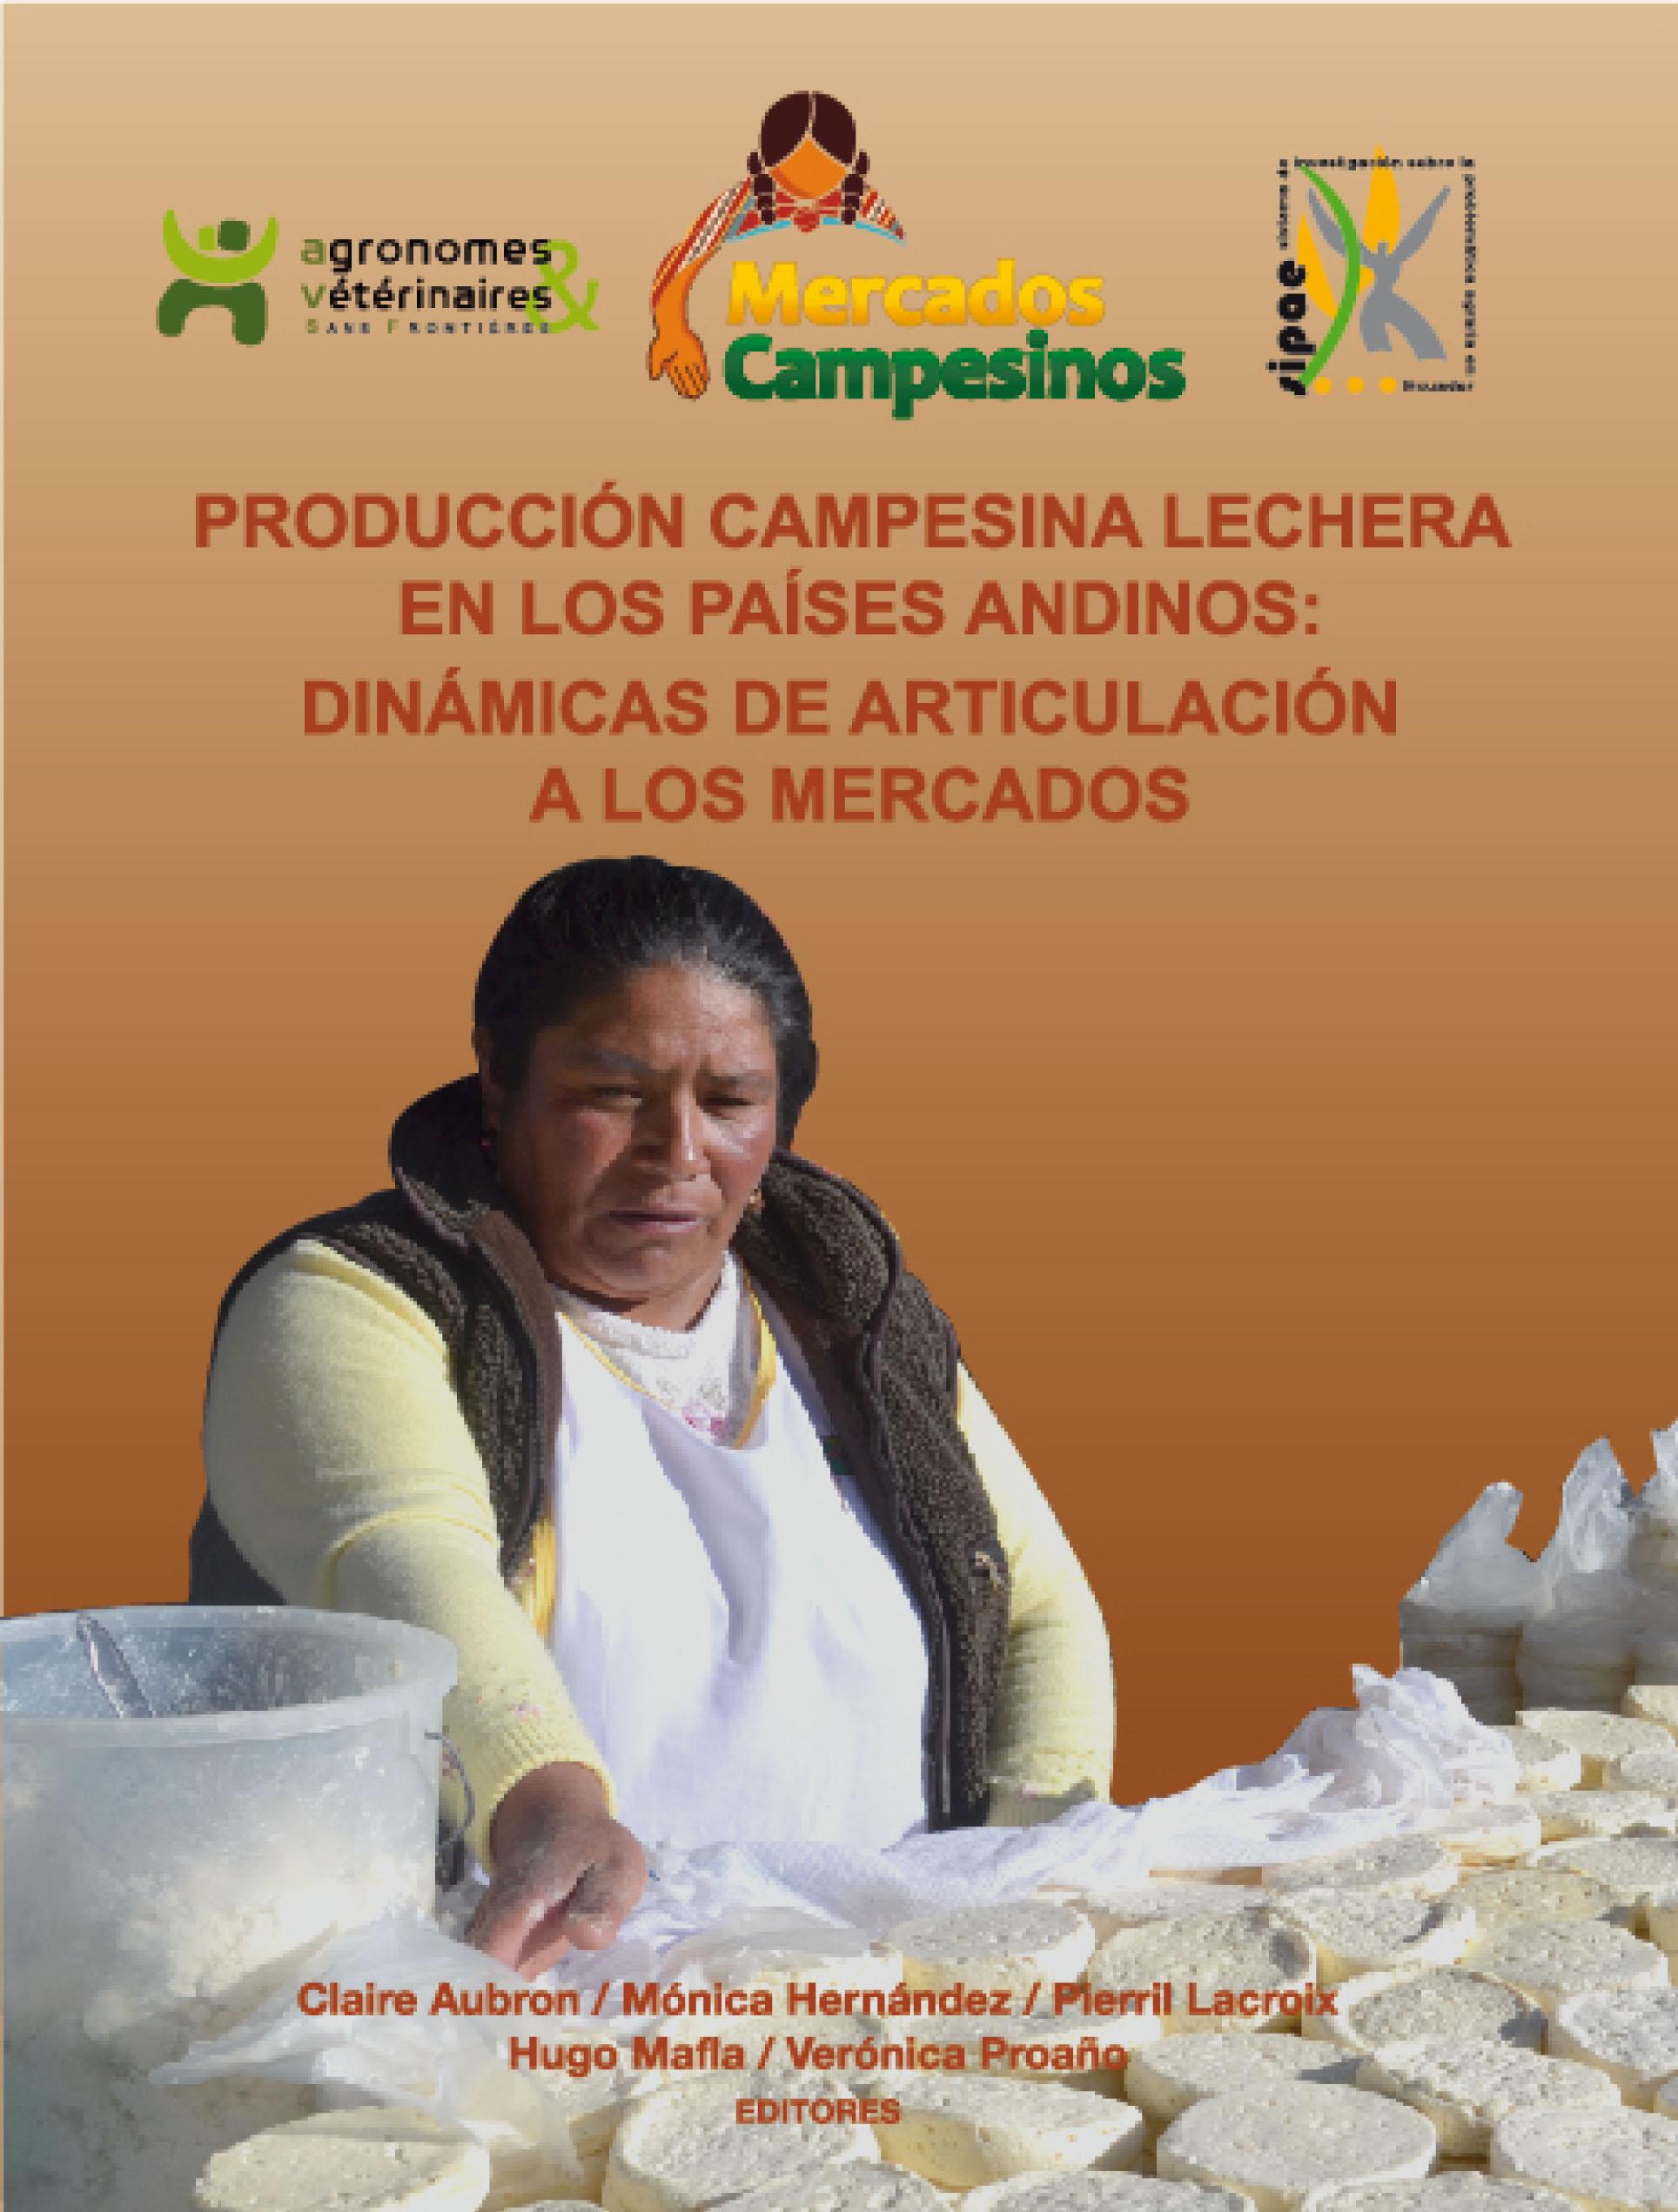 Producción campesina lechera en los países andinos: dinámicas de articulación a los mercados Image principale